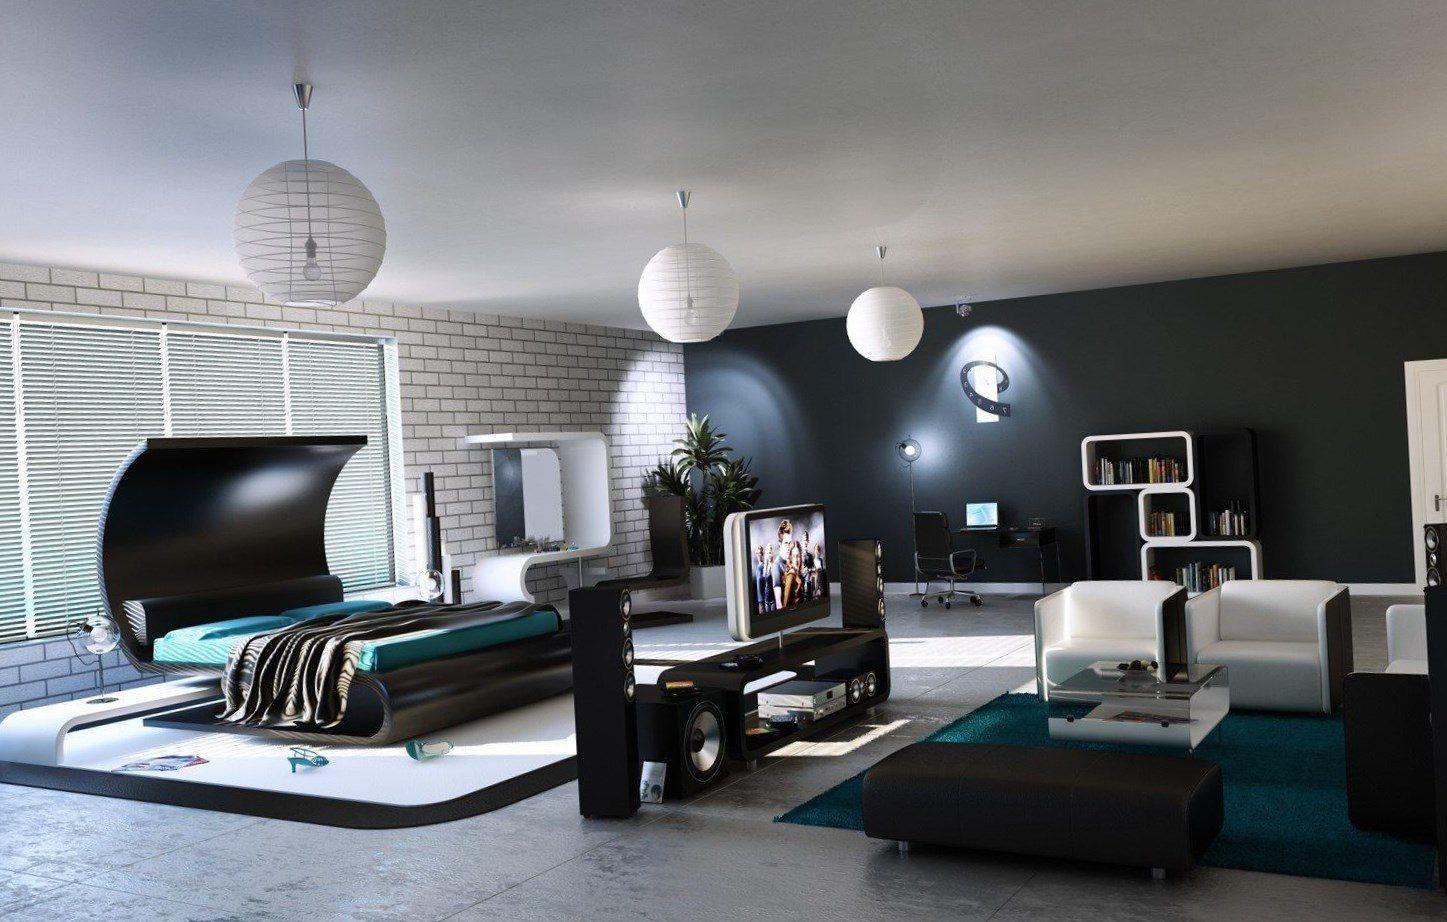 Big modern bedrooms   https   bedroom design 2017 info. Big modern bedrooms   https   bedroom design 2017 info decorations